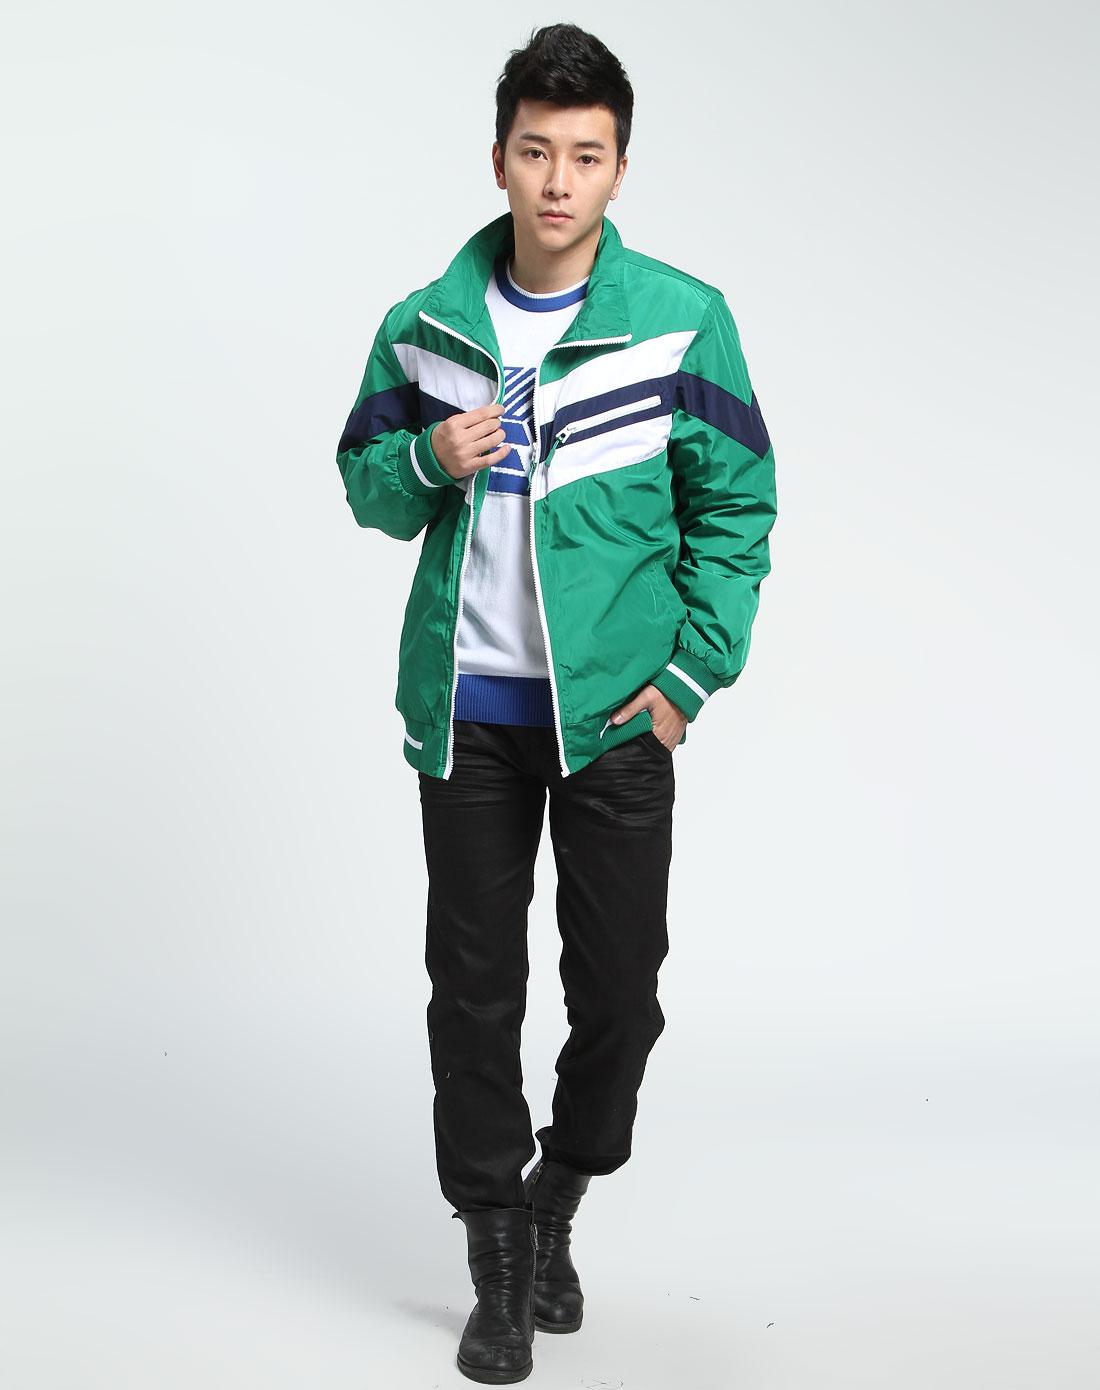 森马男装专场-绿色拼布长袖运动外套图片